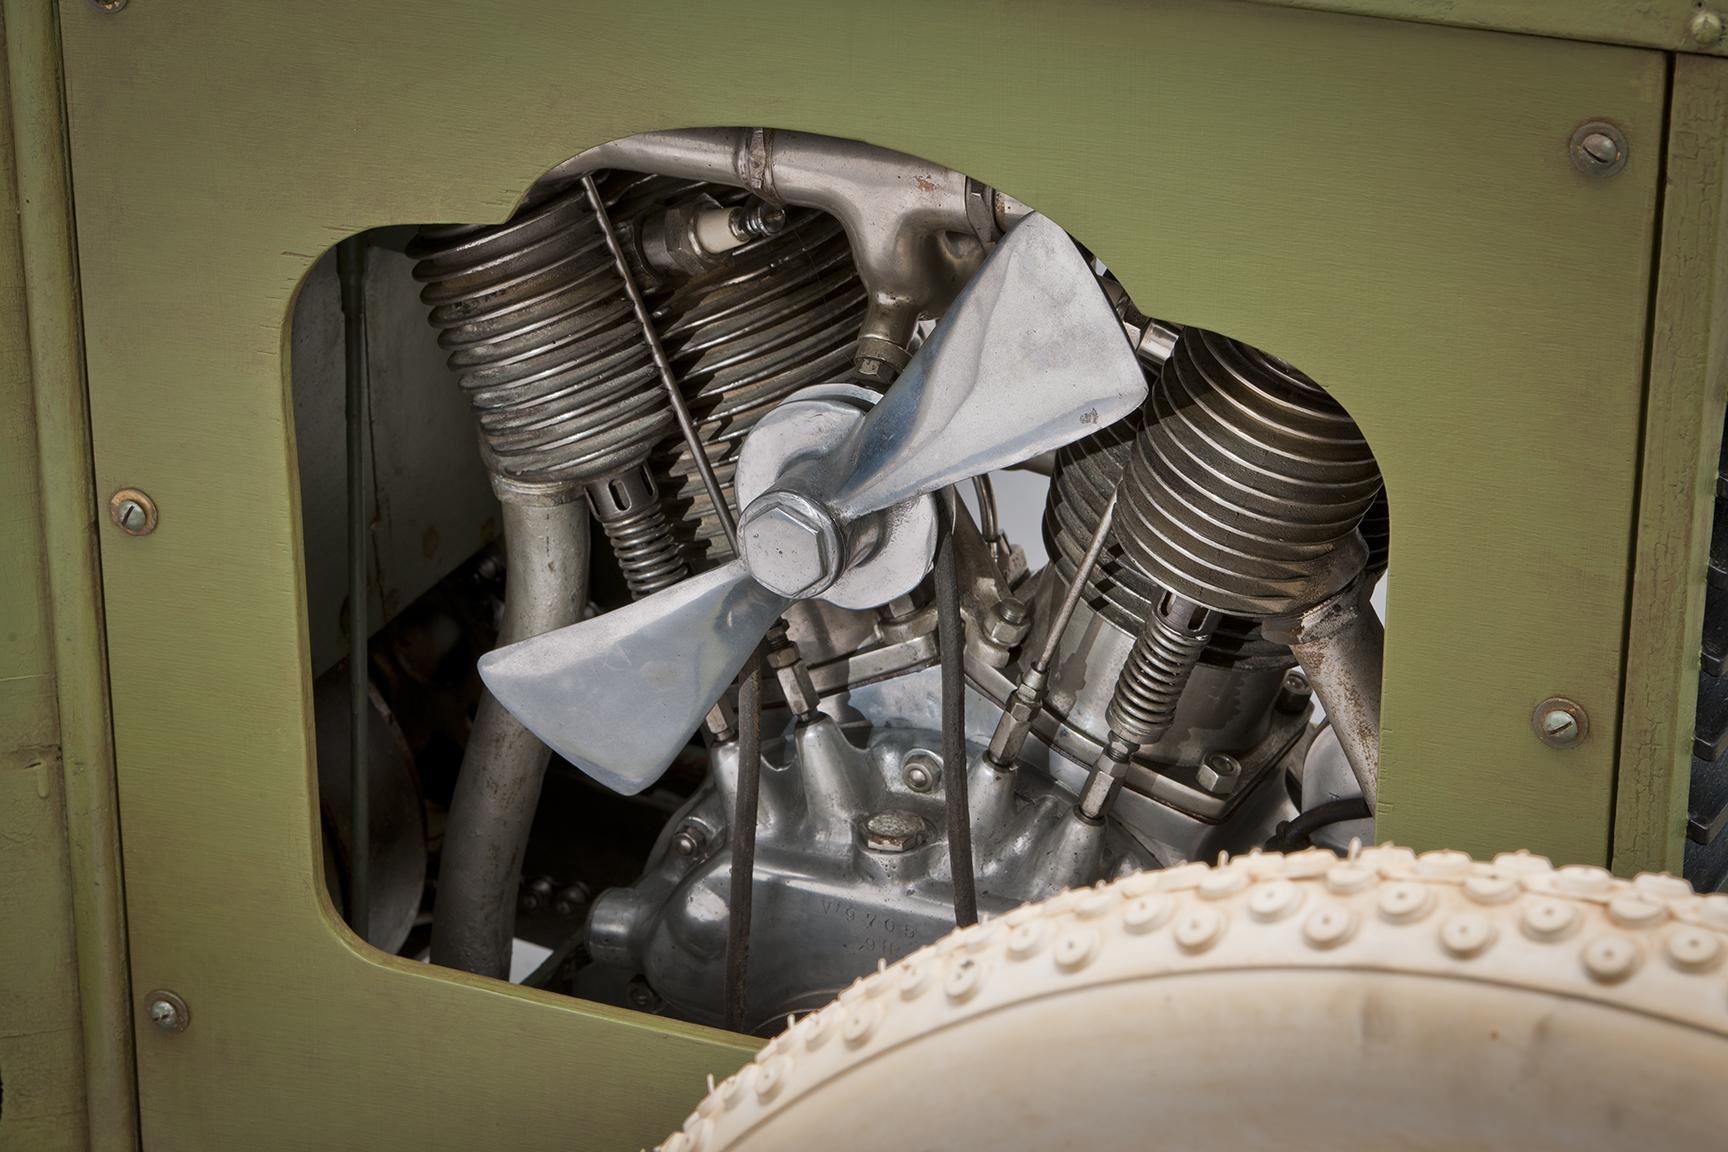 1913 Scripps-Booth Rocket engine